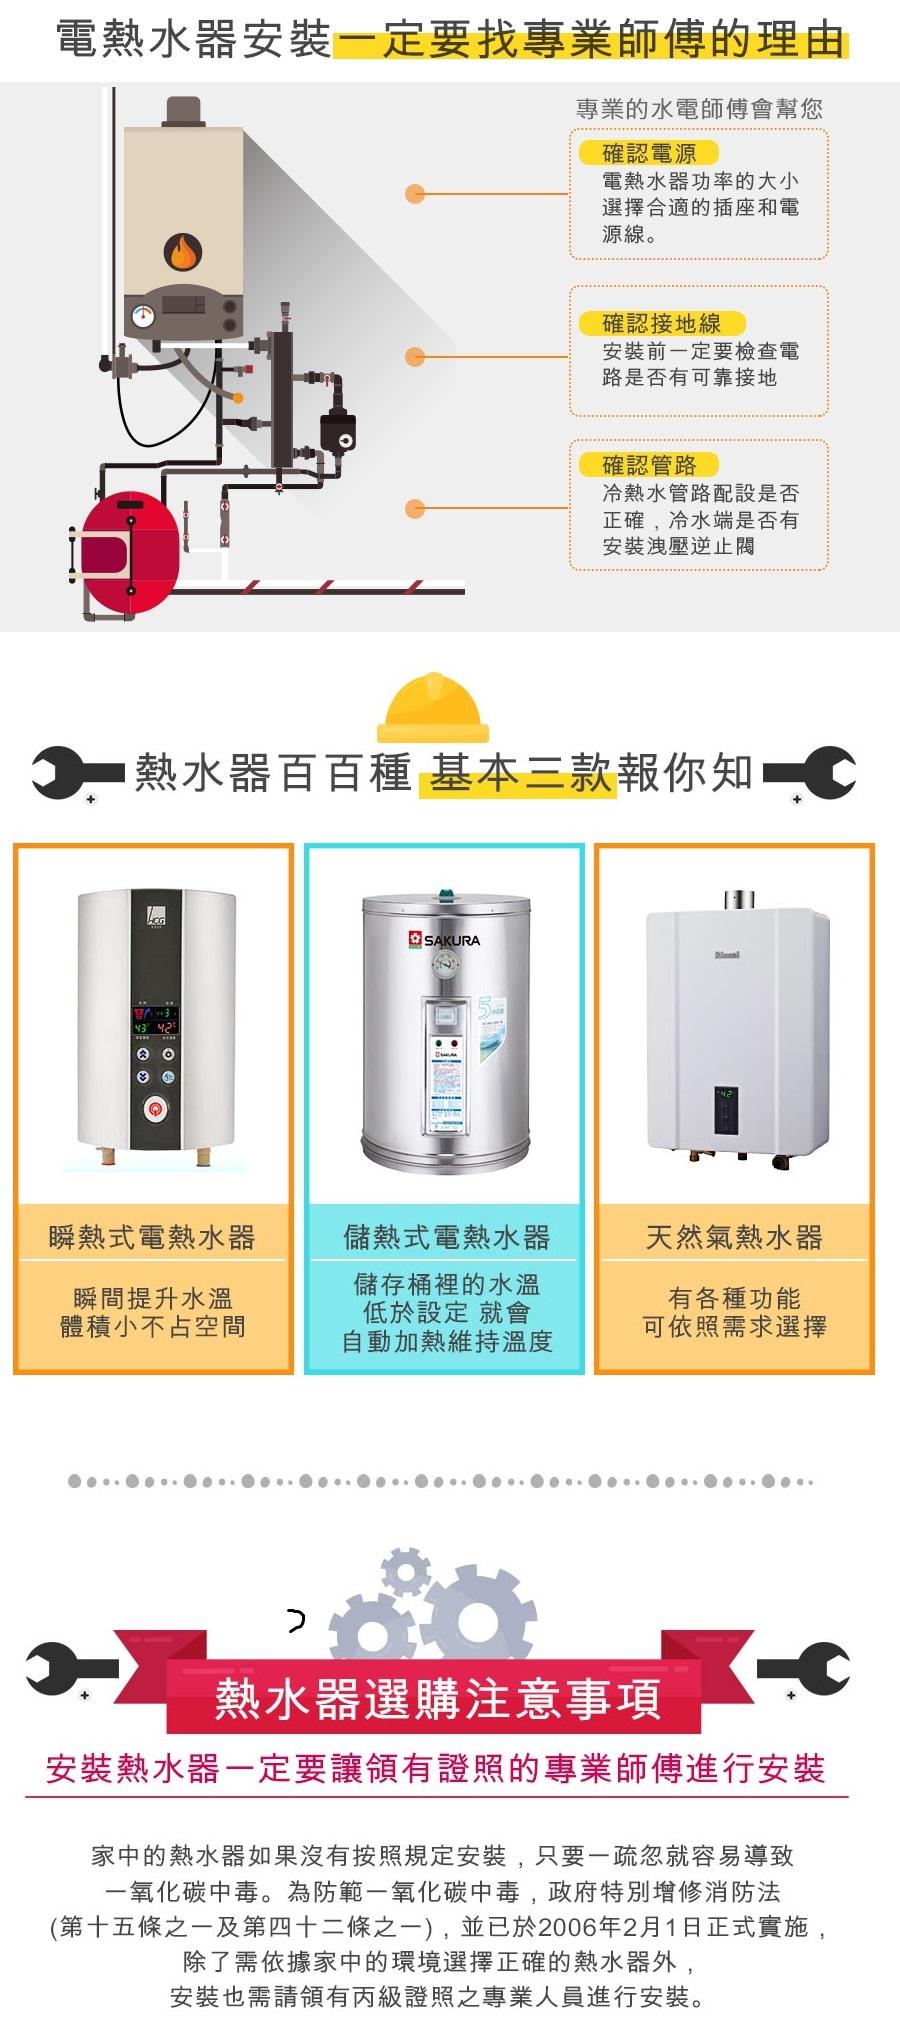 熱水器安裝說明